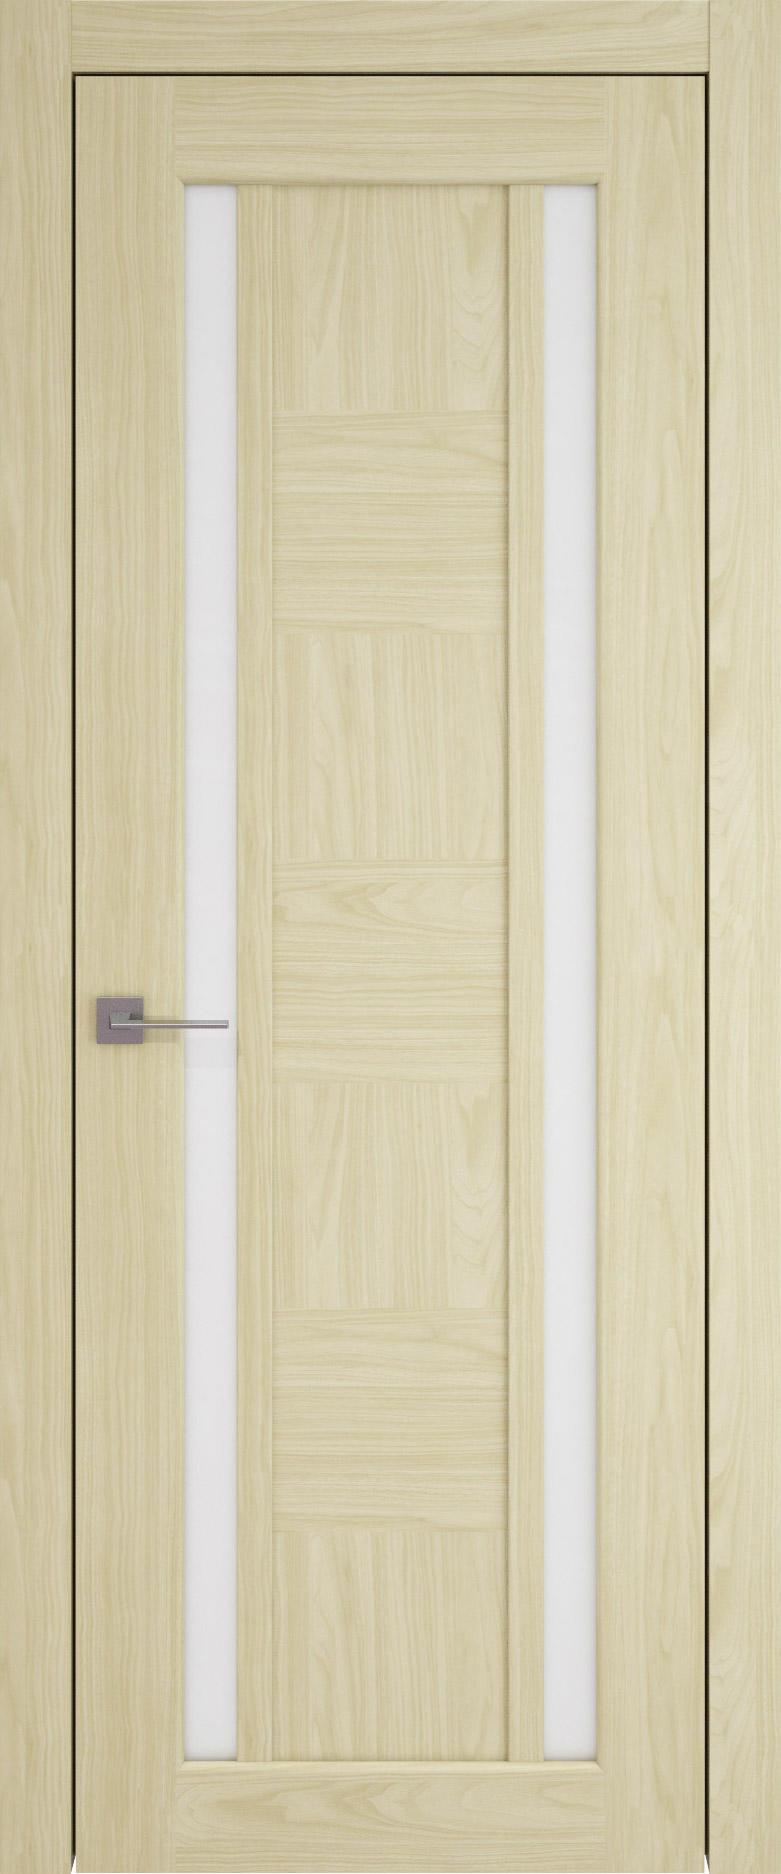 Palazzo цвет - Дуб нордик Без стекла (ДГ)